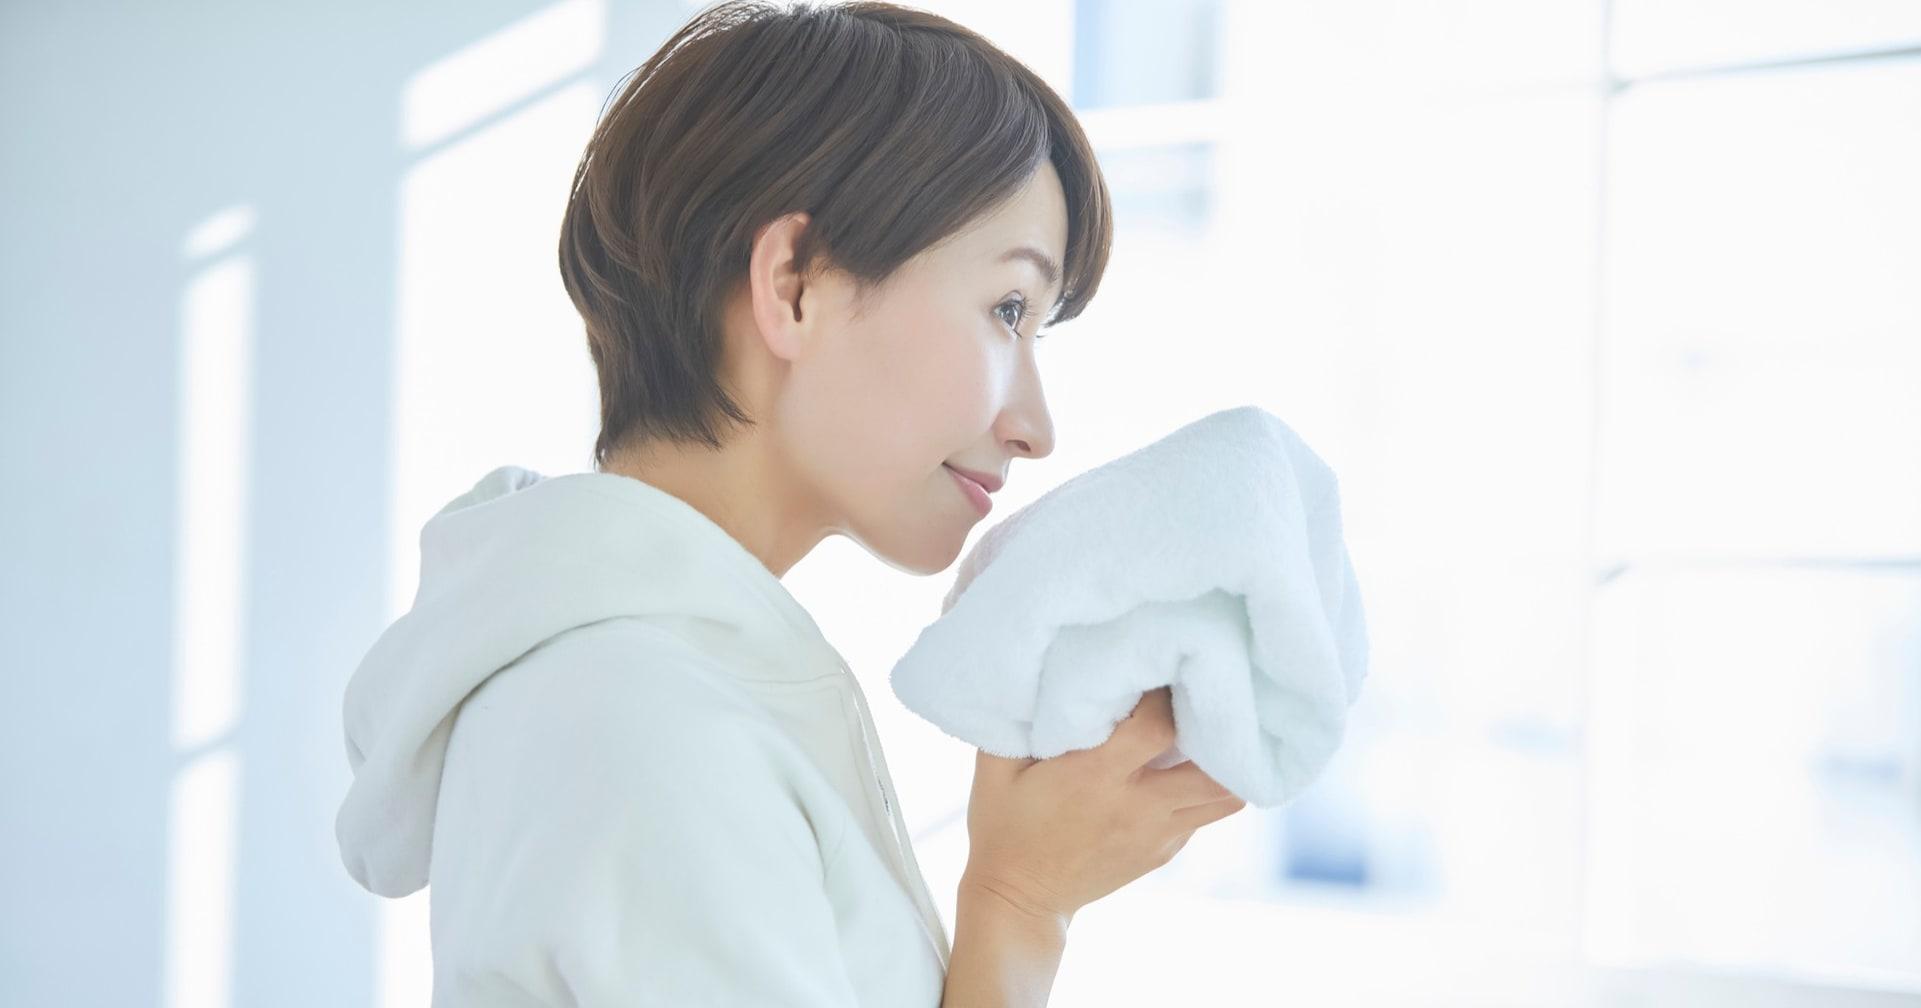 【ライフハック】たった1分半で!?タオルの生乾き臭を解決する意外な方法が話題に